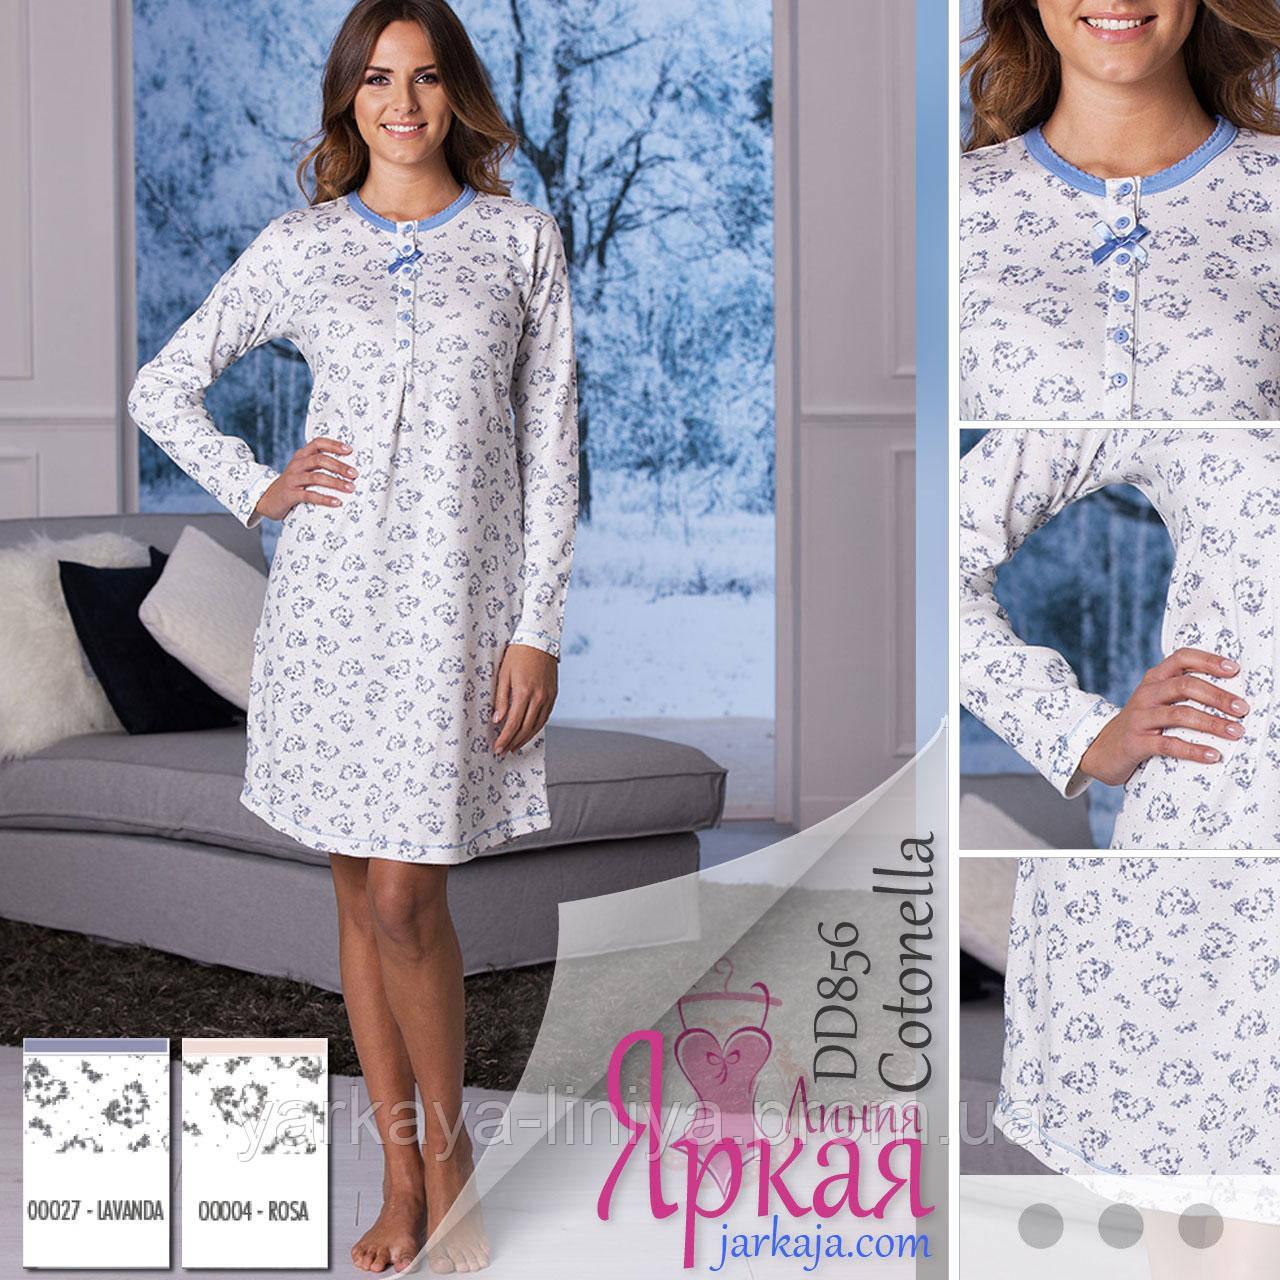 9e9ffeccefe Сорочка ночная женская хлопок. Домашняя одежда для женщин Cotonella™ -  Товары и услуги для